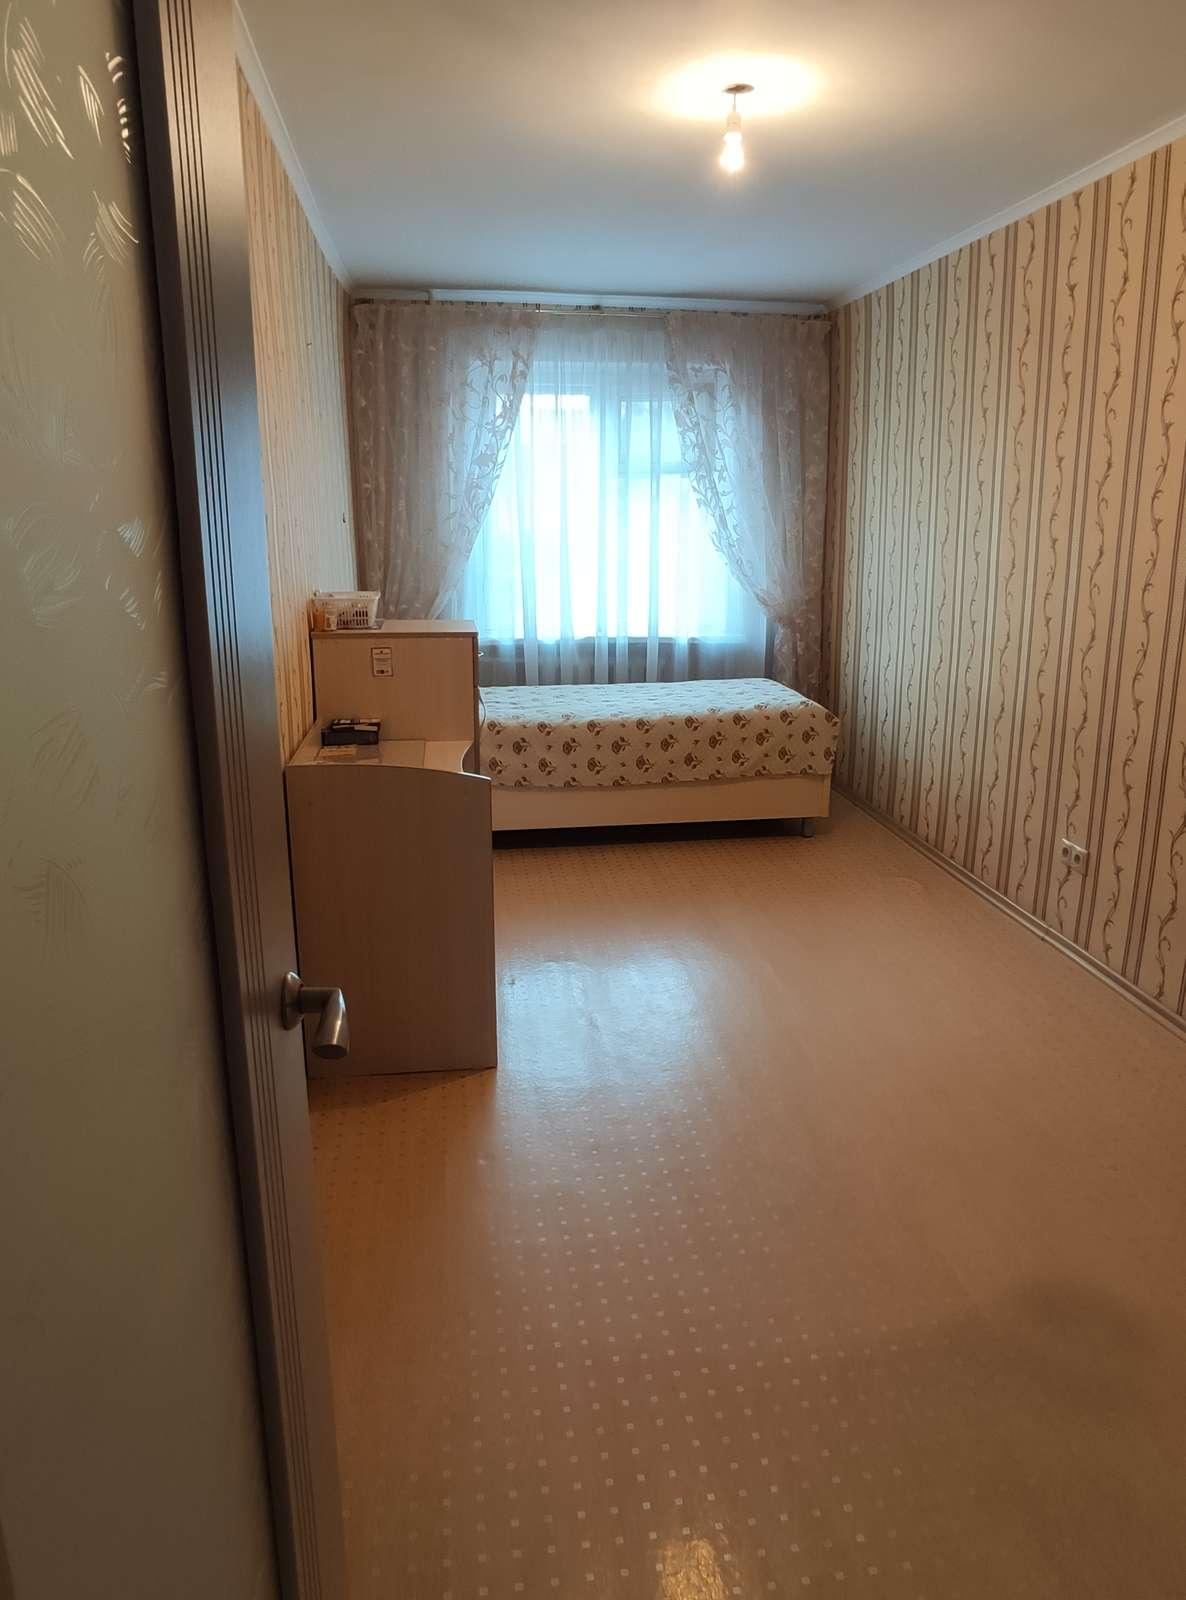 Продажа 3-комнатной квартиры, г. Тольятти, Ленина улица  дом 47